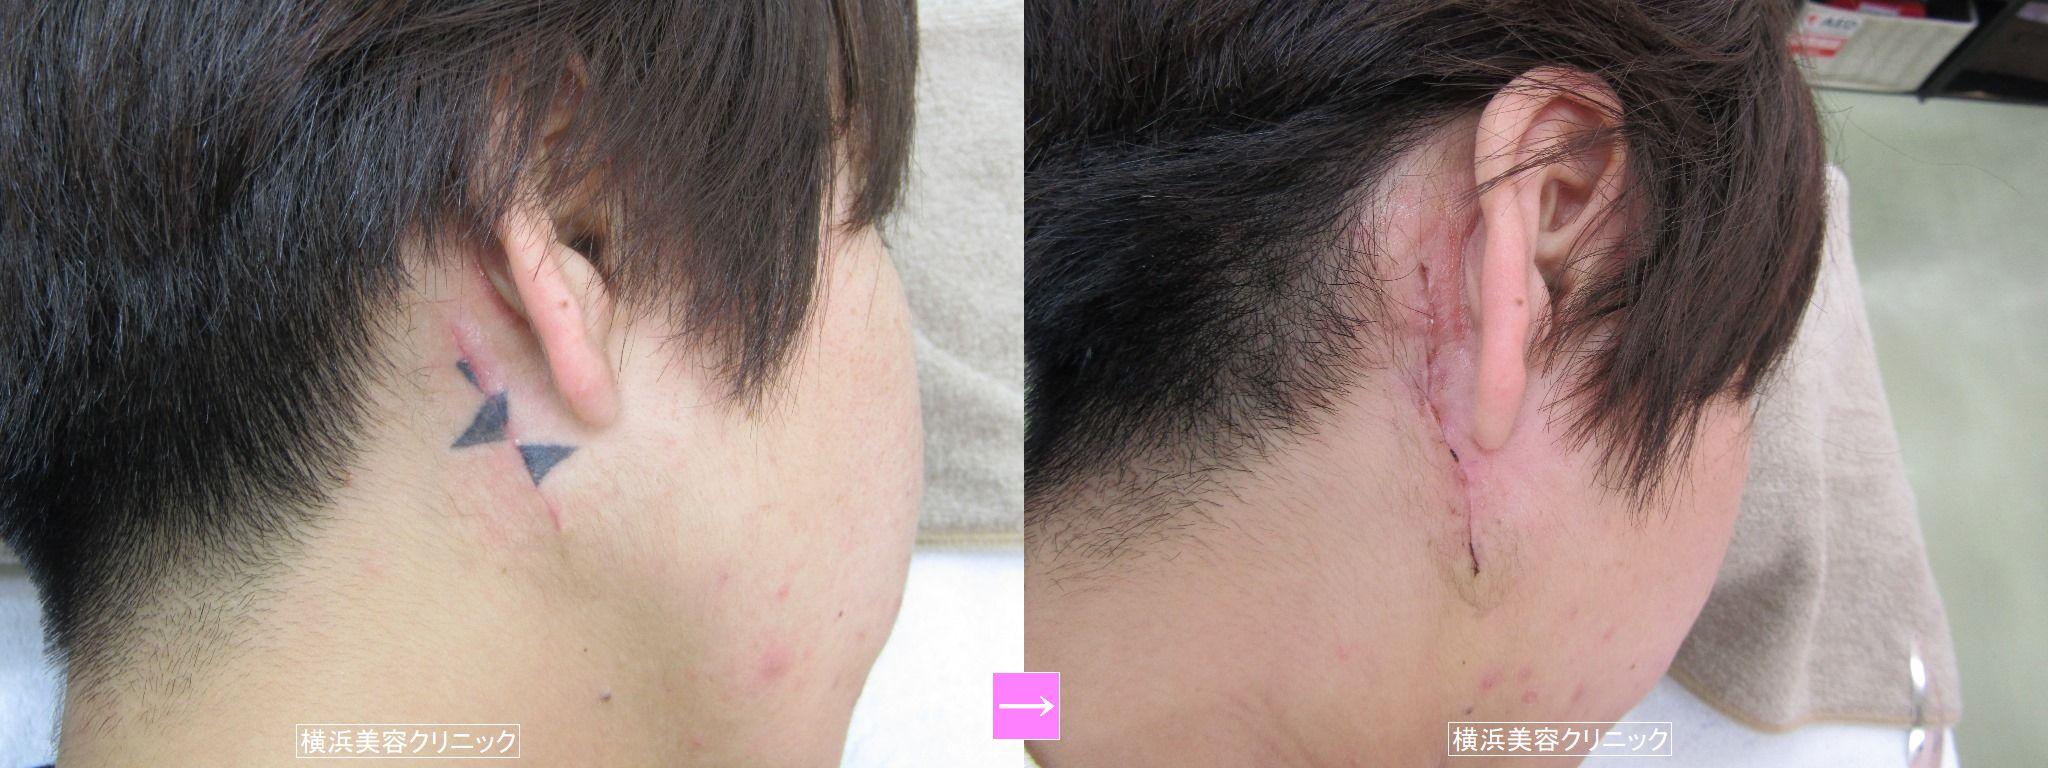 刺青除去 耳の後ろ (画像あり)